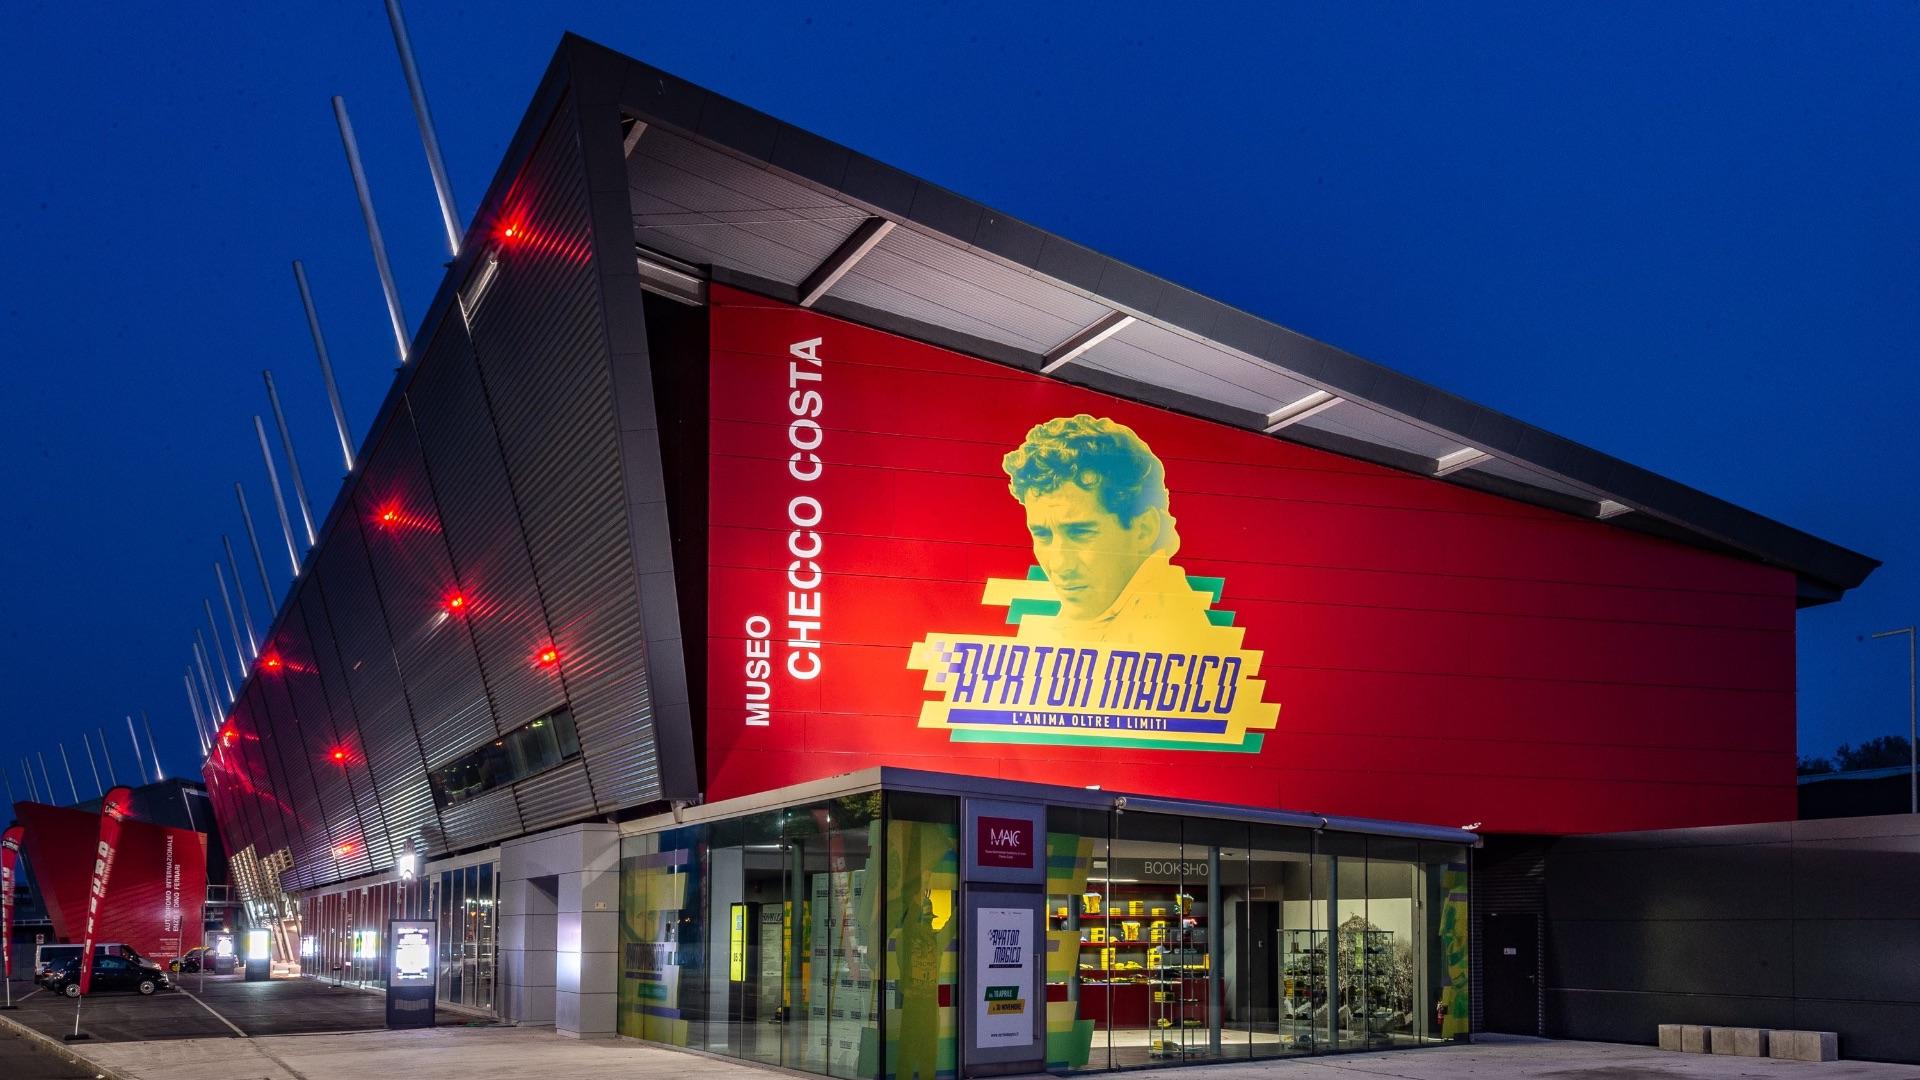 Con una mostra dedicata a Ayrton Senna, riapre il Museo Multimediale Autodromo di Imola Checco Costa.